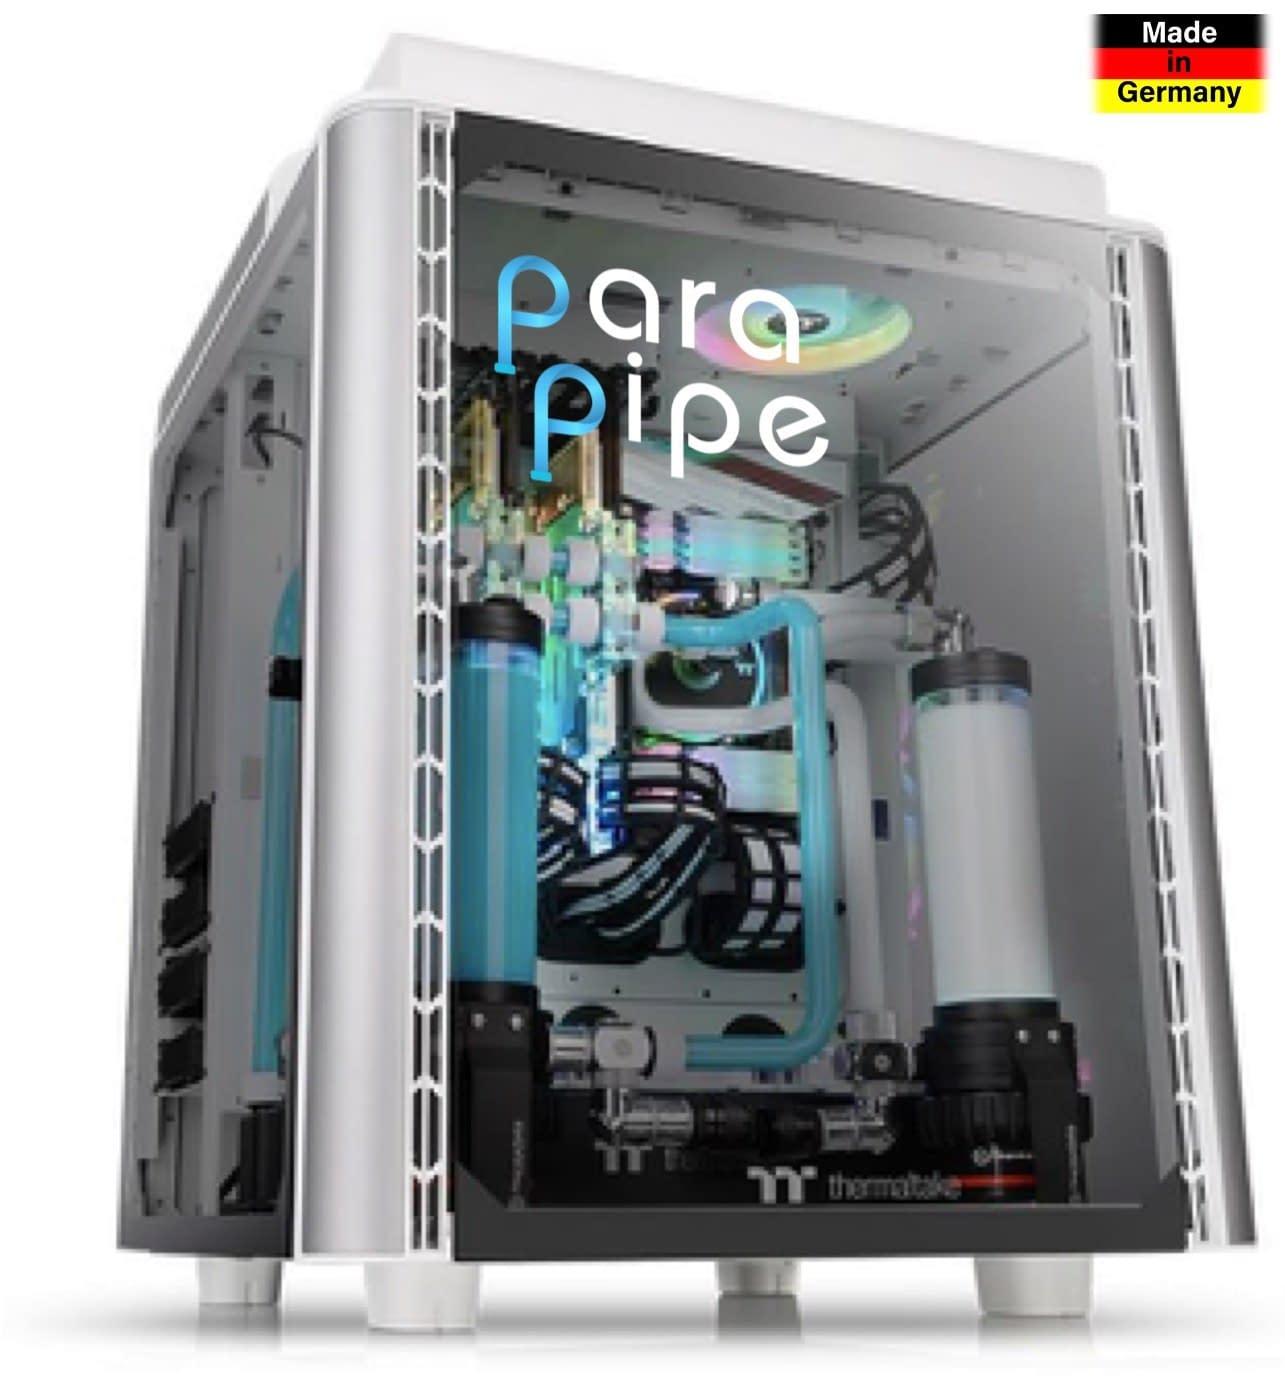 Parapipe KI Rechner